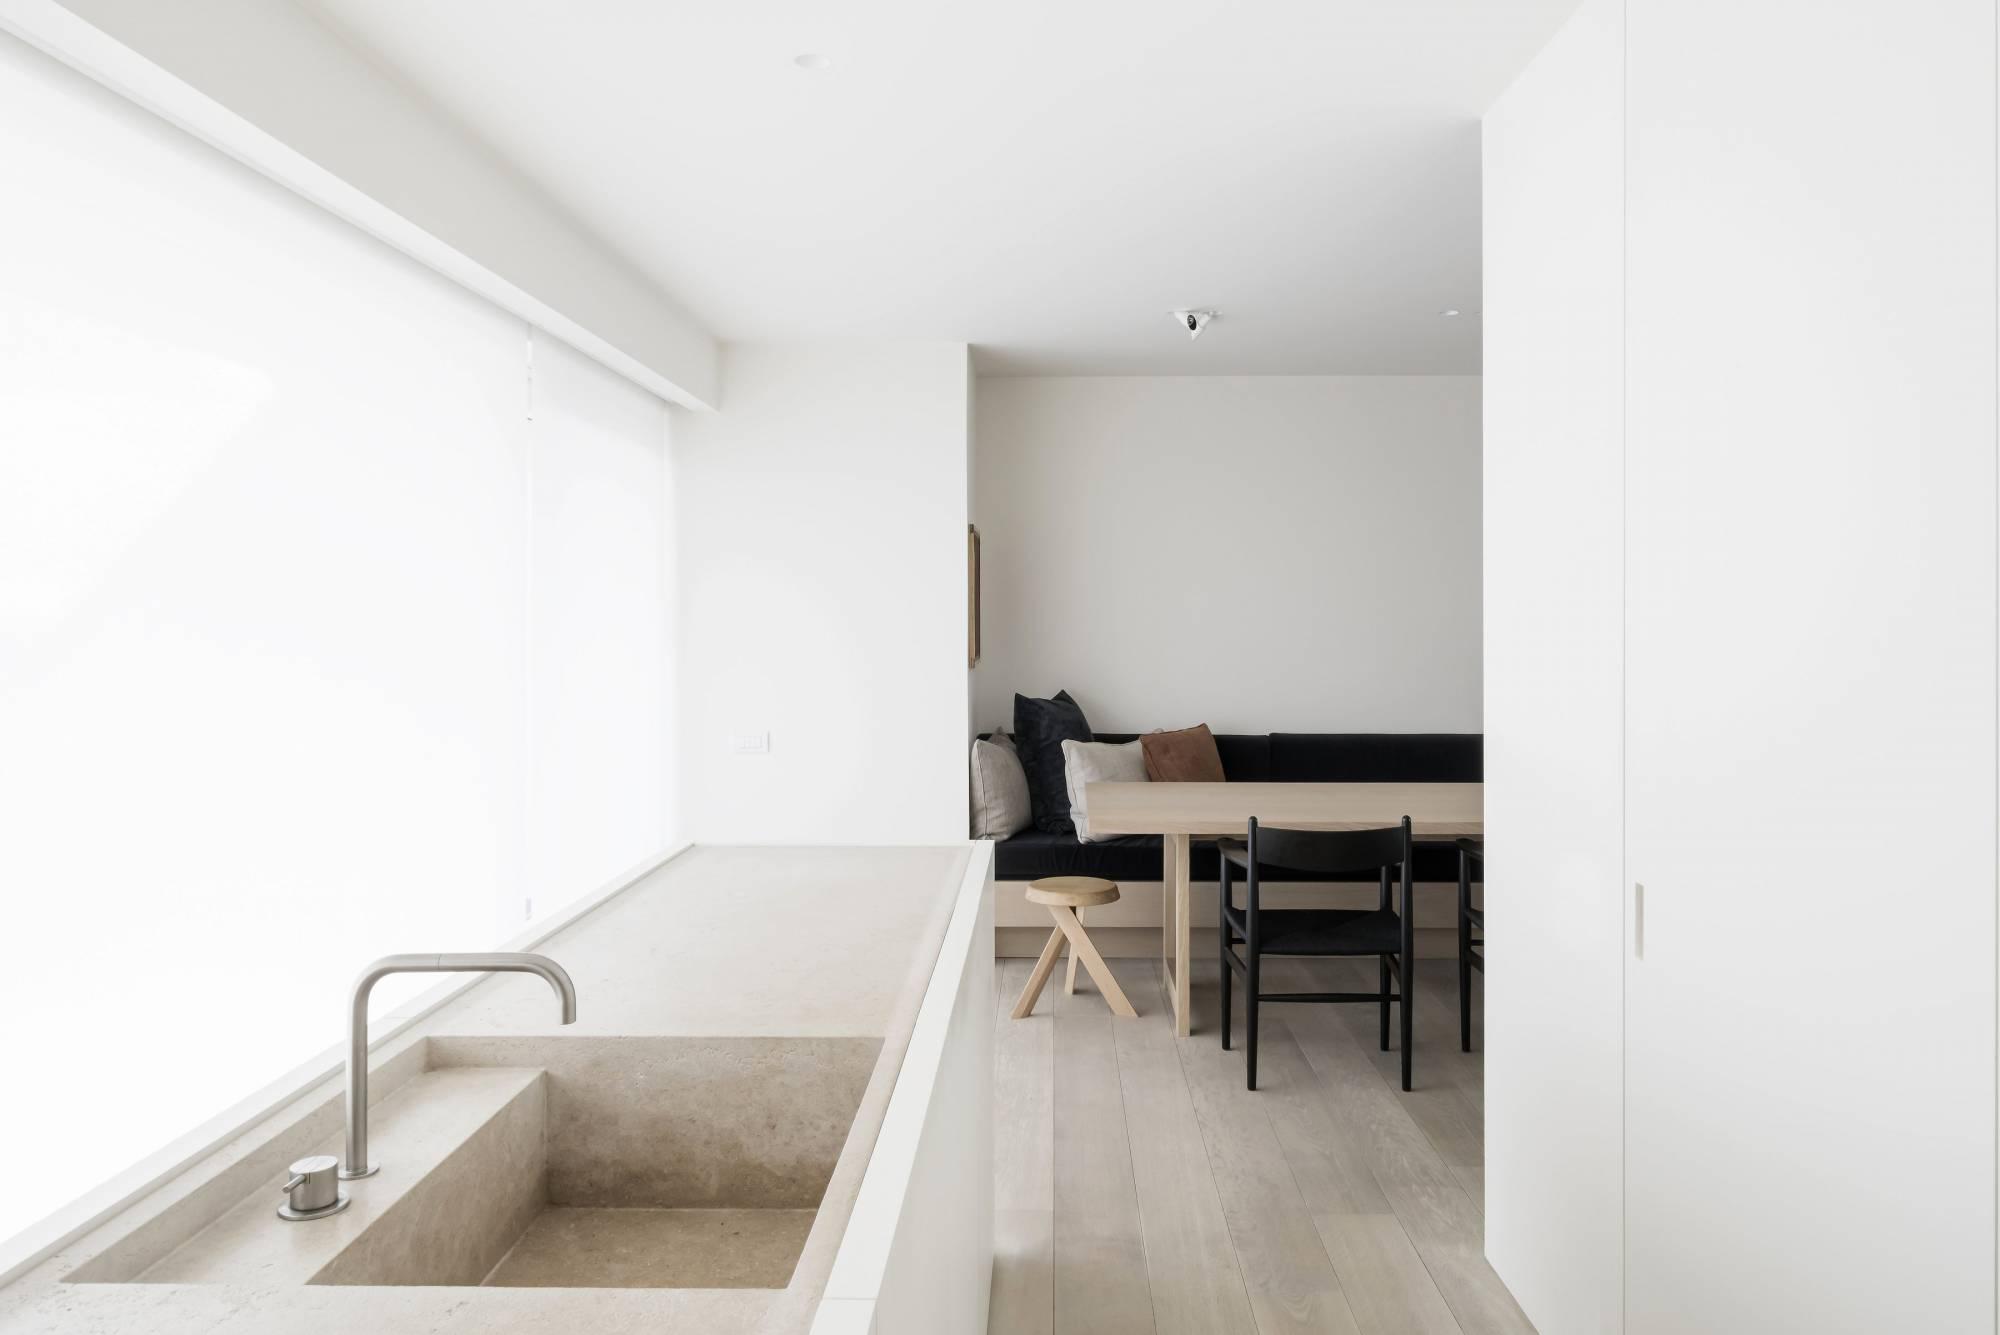 travertine kitchen sink, stone, color palette, minimal interior by vincent van duysen